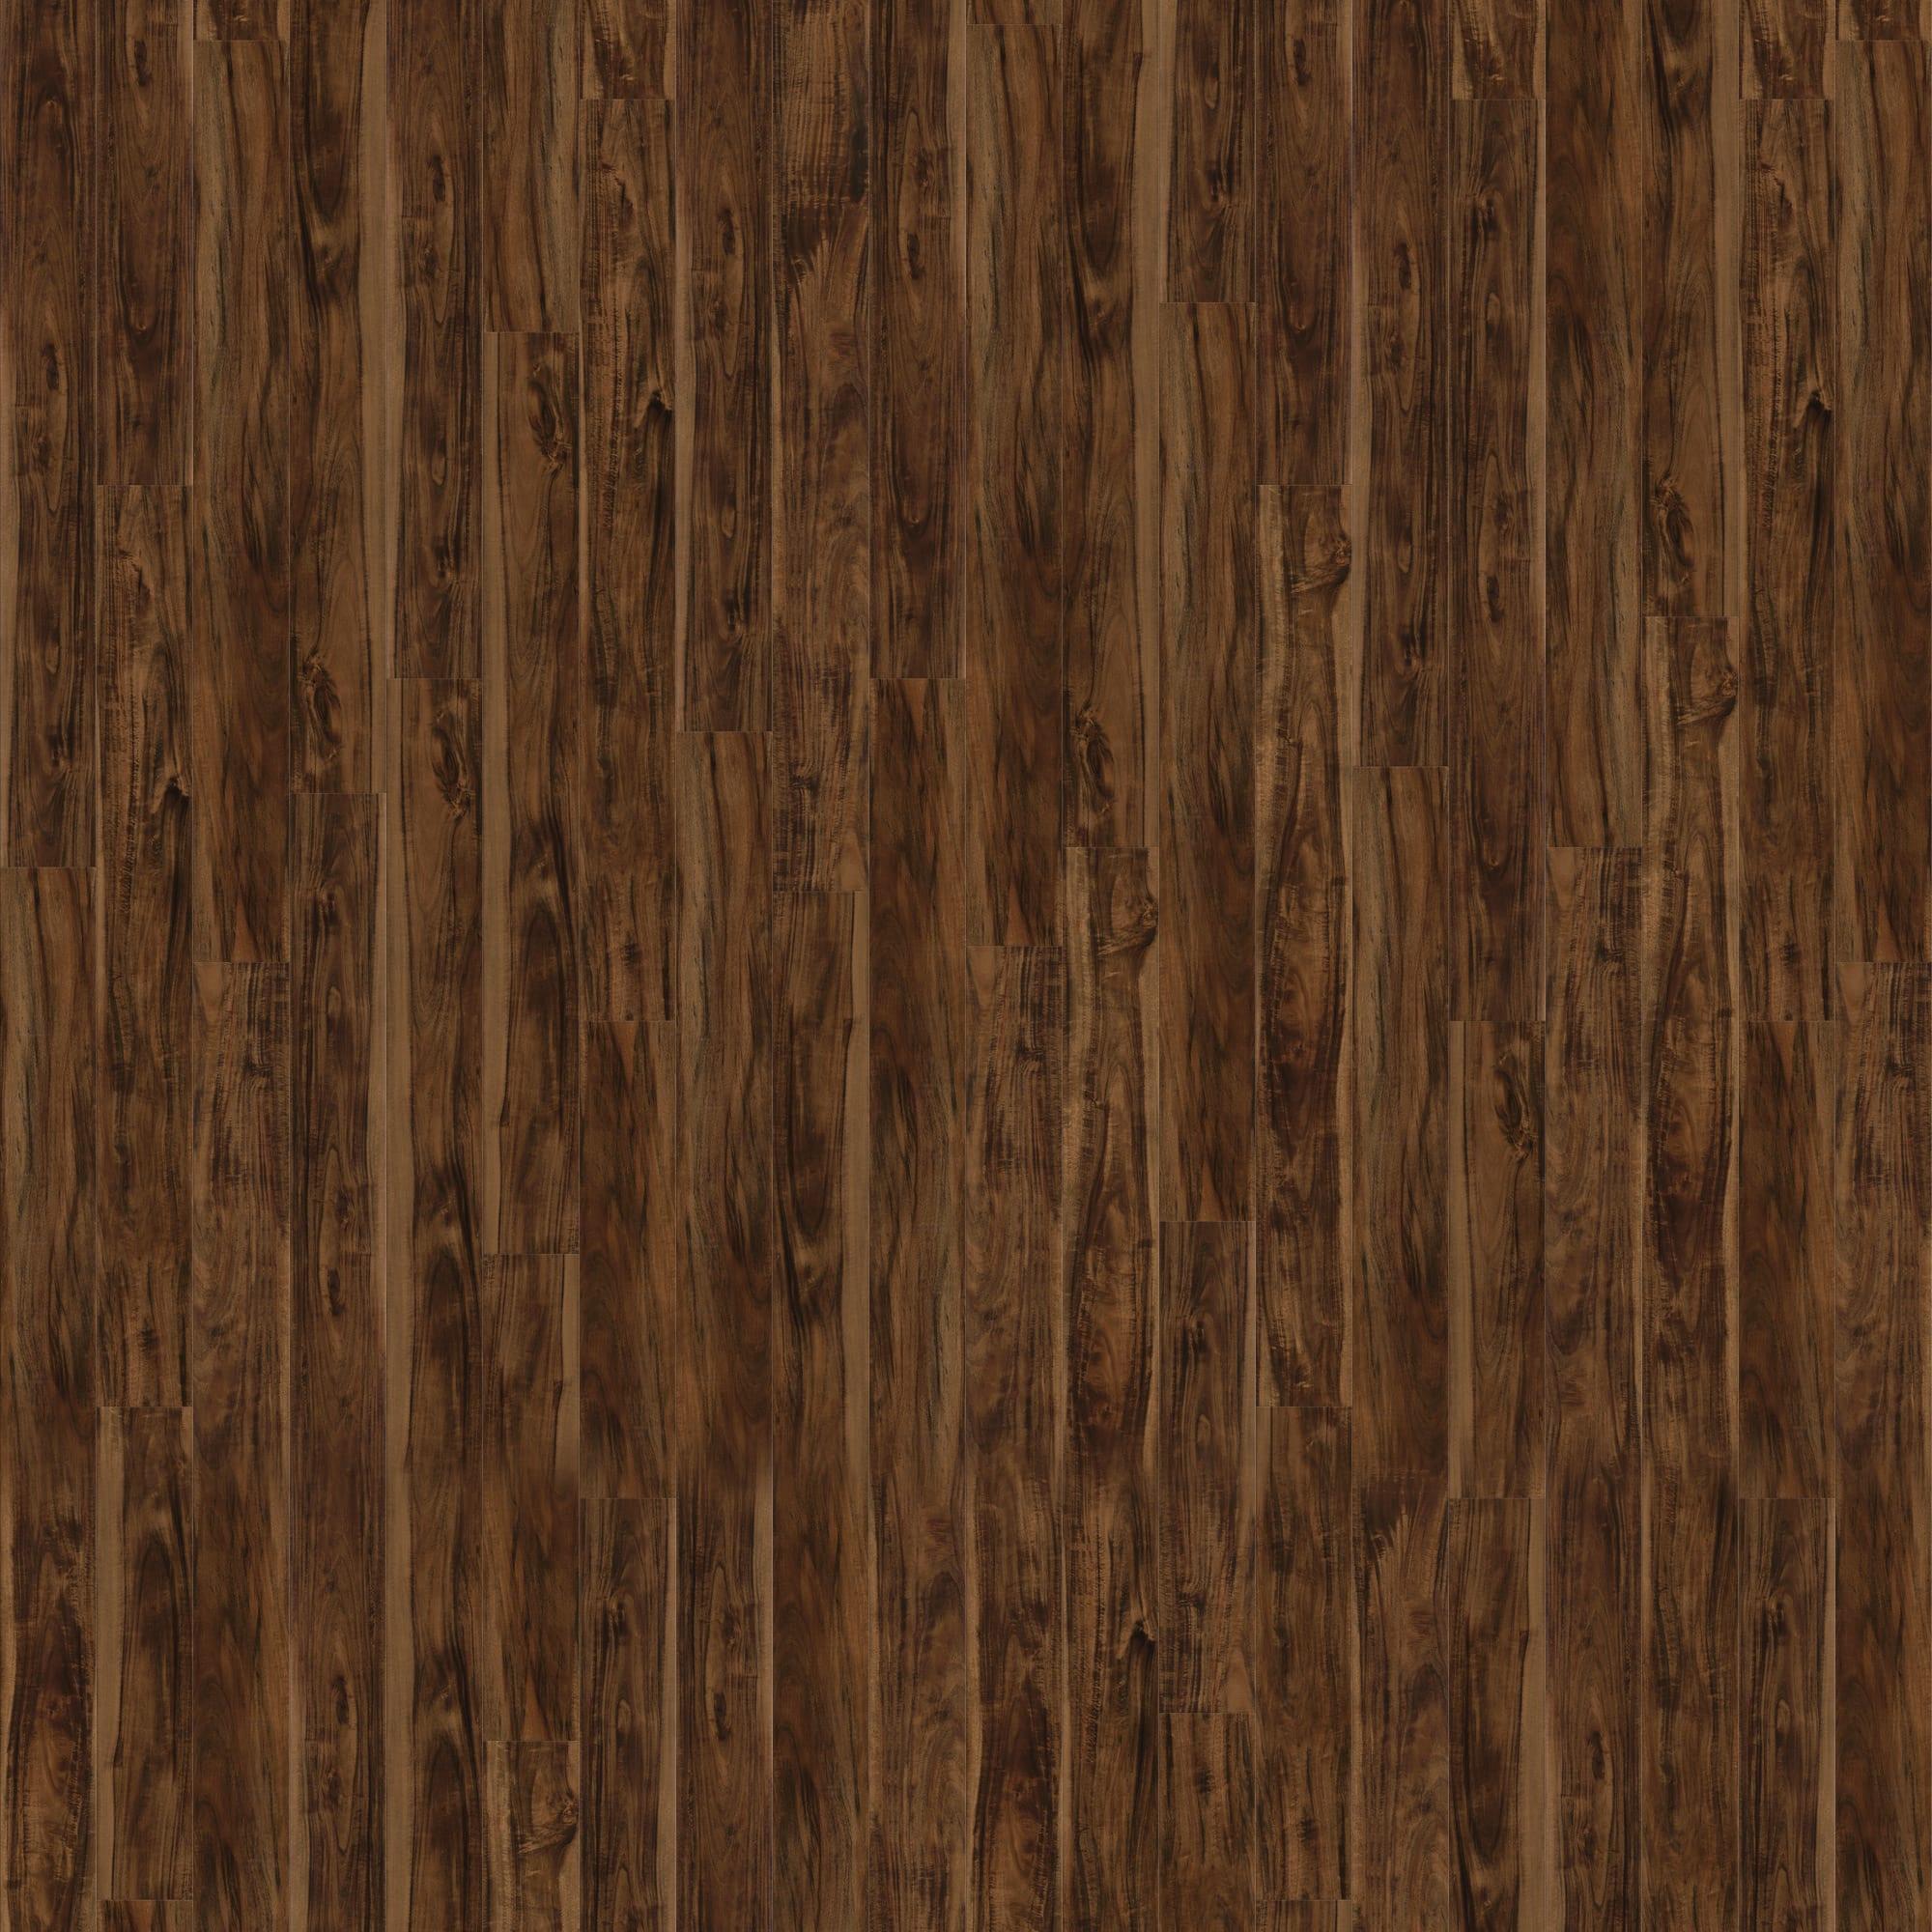 Flooring Walnut Creek 23 77 Sq Ft Box